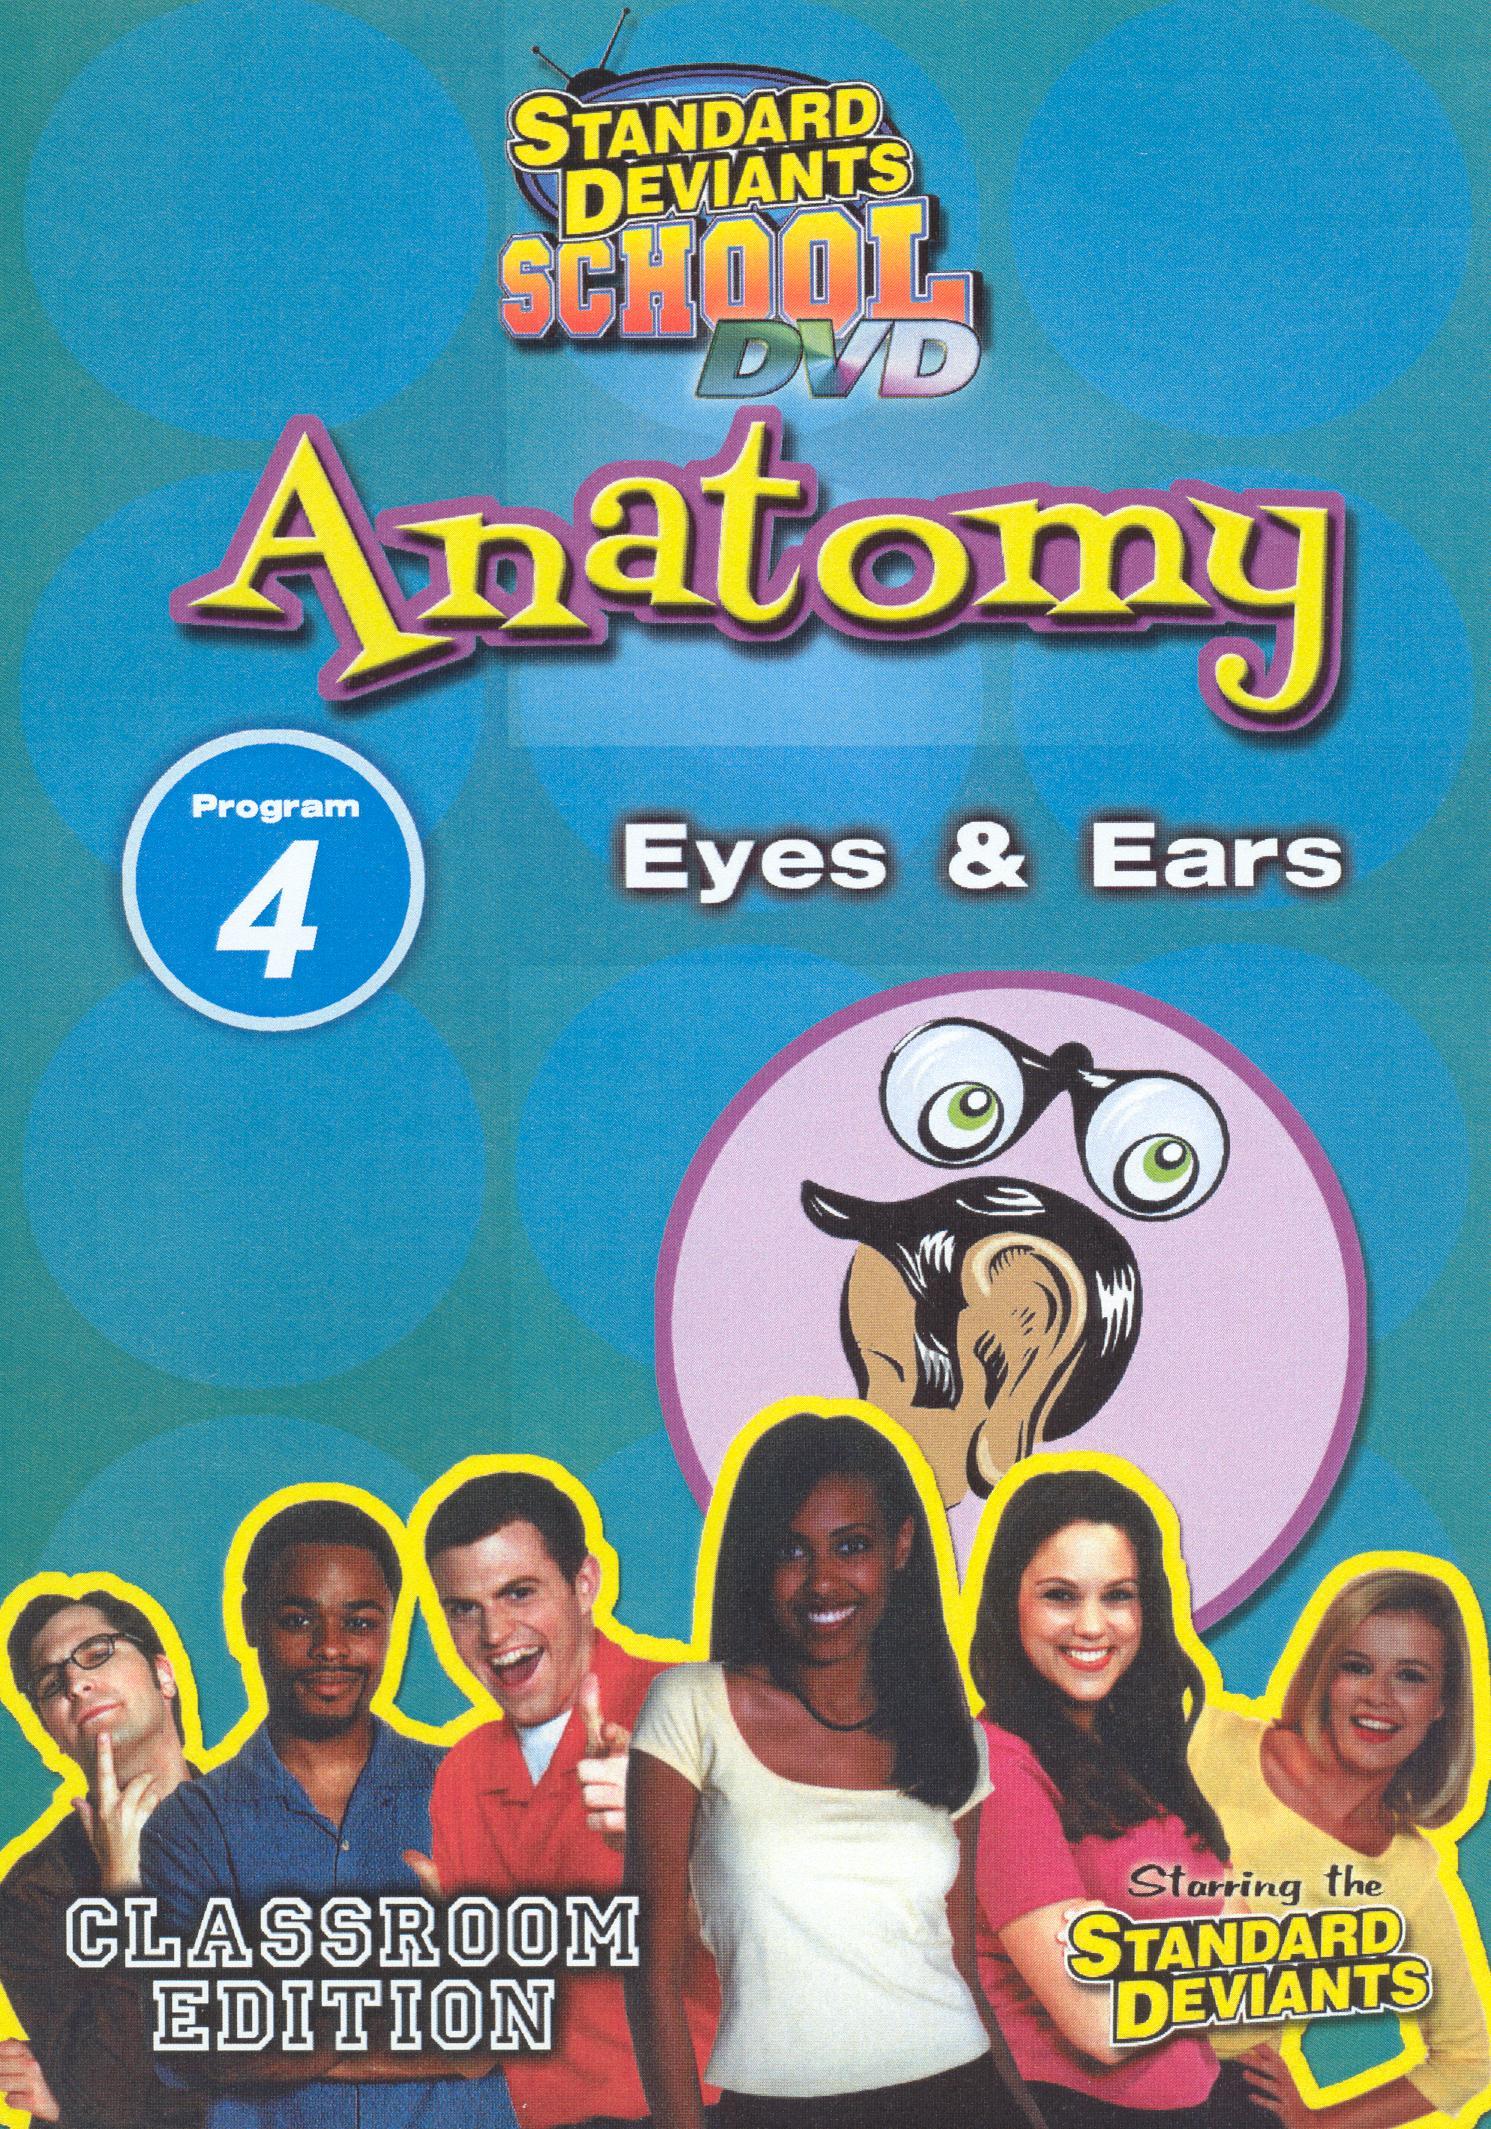 Standard Deviants School: Anatomy, Program 4 - Eyes and Ears